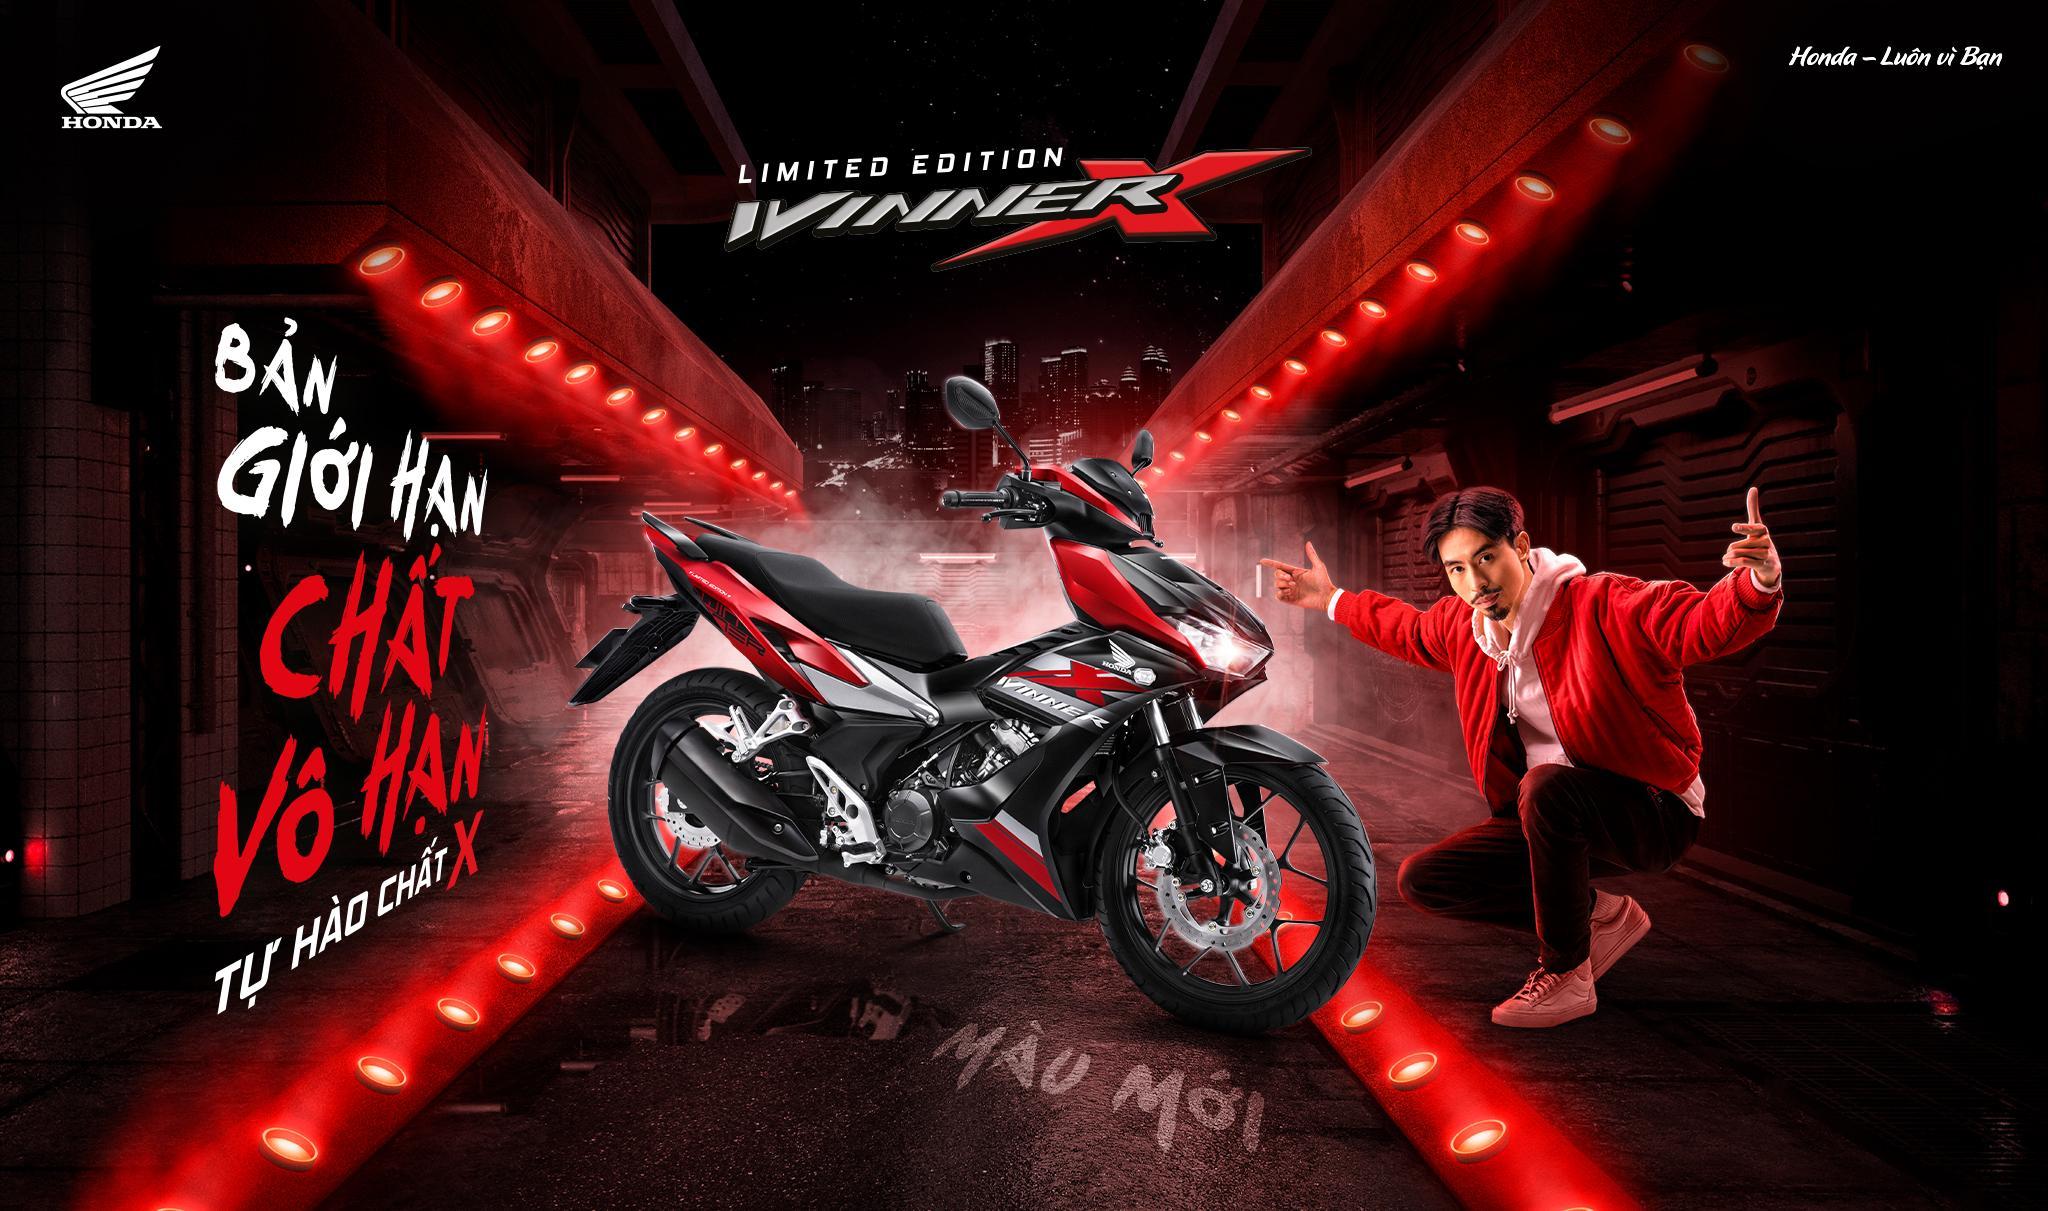 """Honda Việt Nam giới thiệu phiên bản màu giới hạn cho siêu phẩm WINNER X – """"Bản giới hạn – Chất vô hạn"""""""